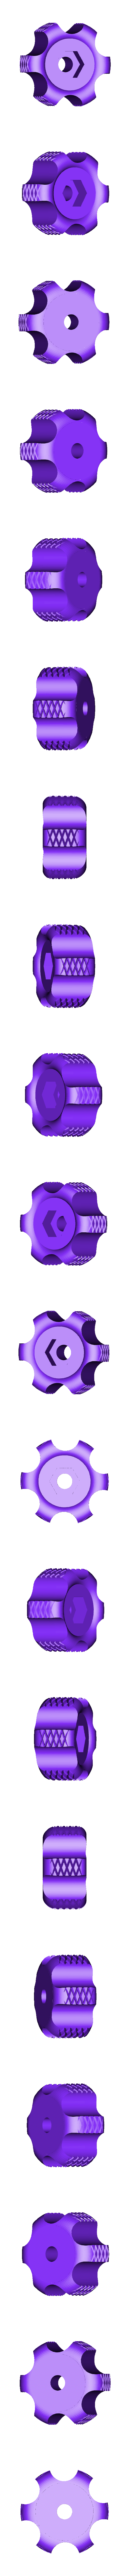 JGA5_THUMBWHEEL_nut.stl Télécharger fichier STL gratuit remplacment jg aurora a5 écrou de nivellement • Plan imprimable en 3D, Punisher_4u